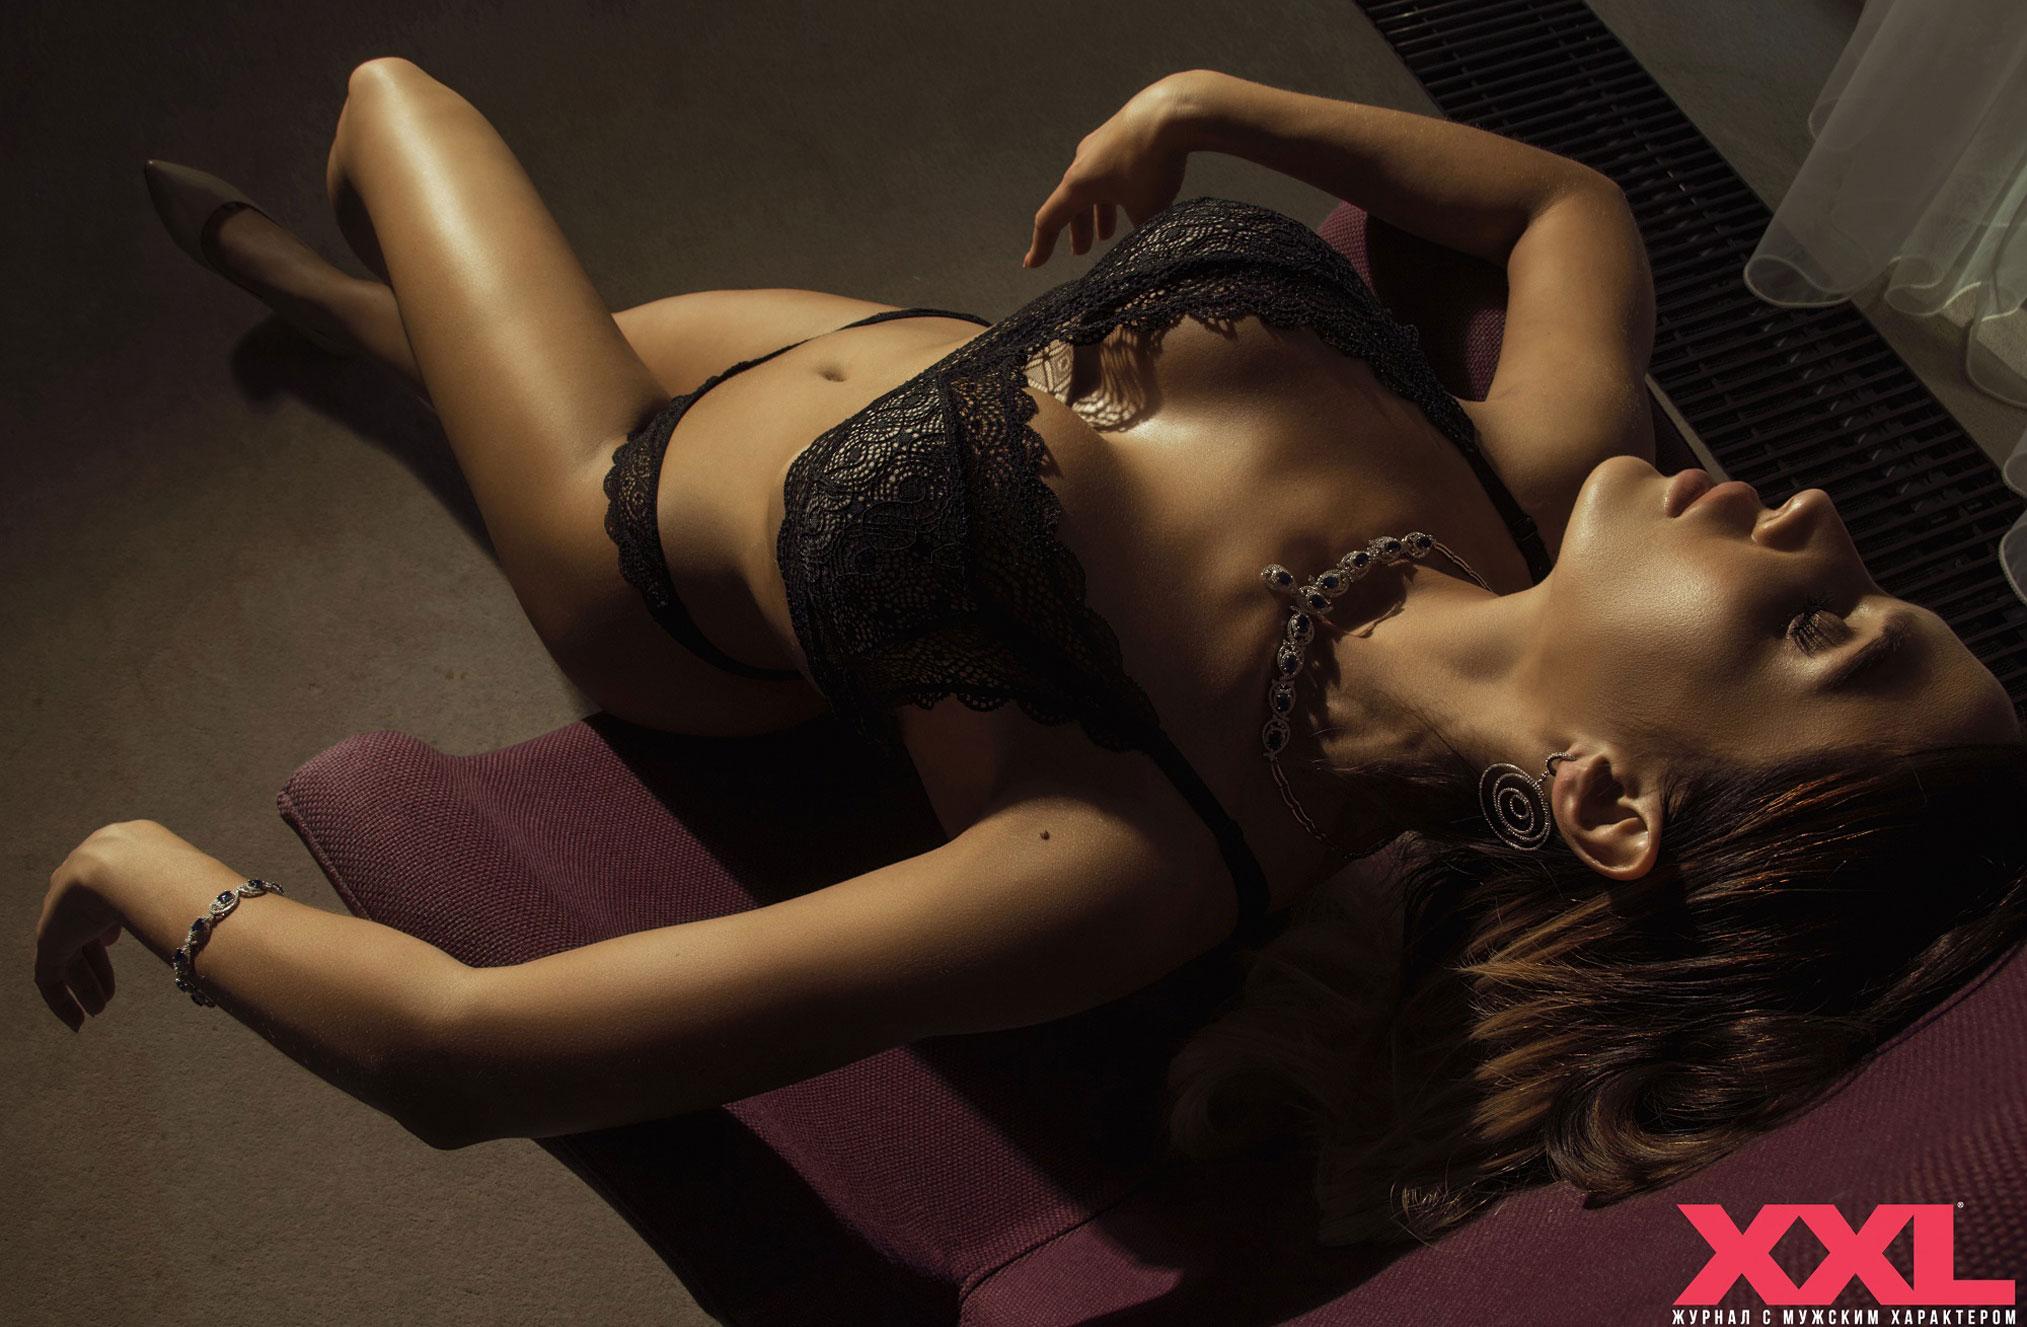 Актриса, модель и телеведущая Эмма Ди в нижнем белье в мужском журнале XXL / фото 04